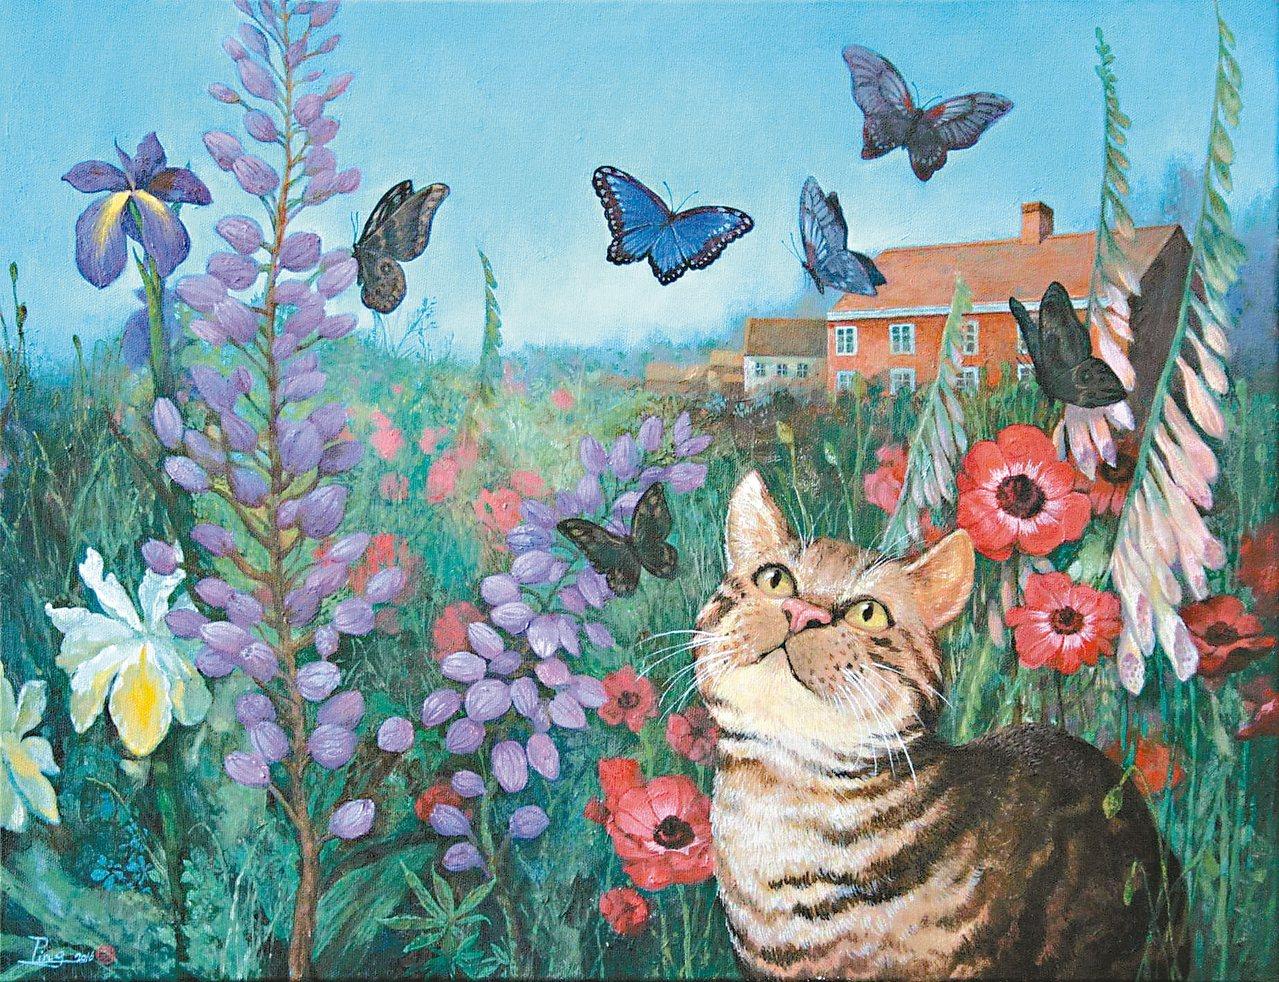 劉子平油畫作品〈擬人的花園──春季〉